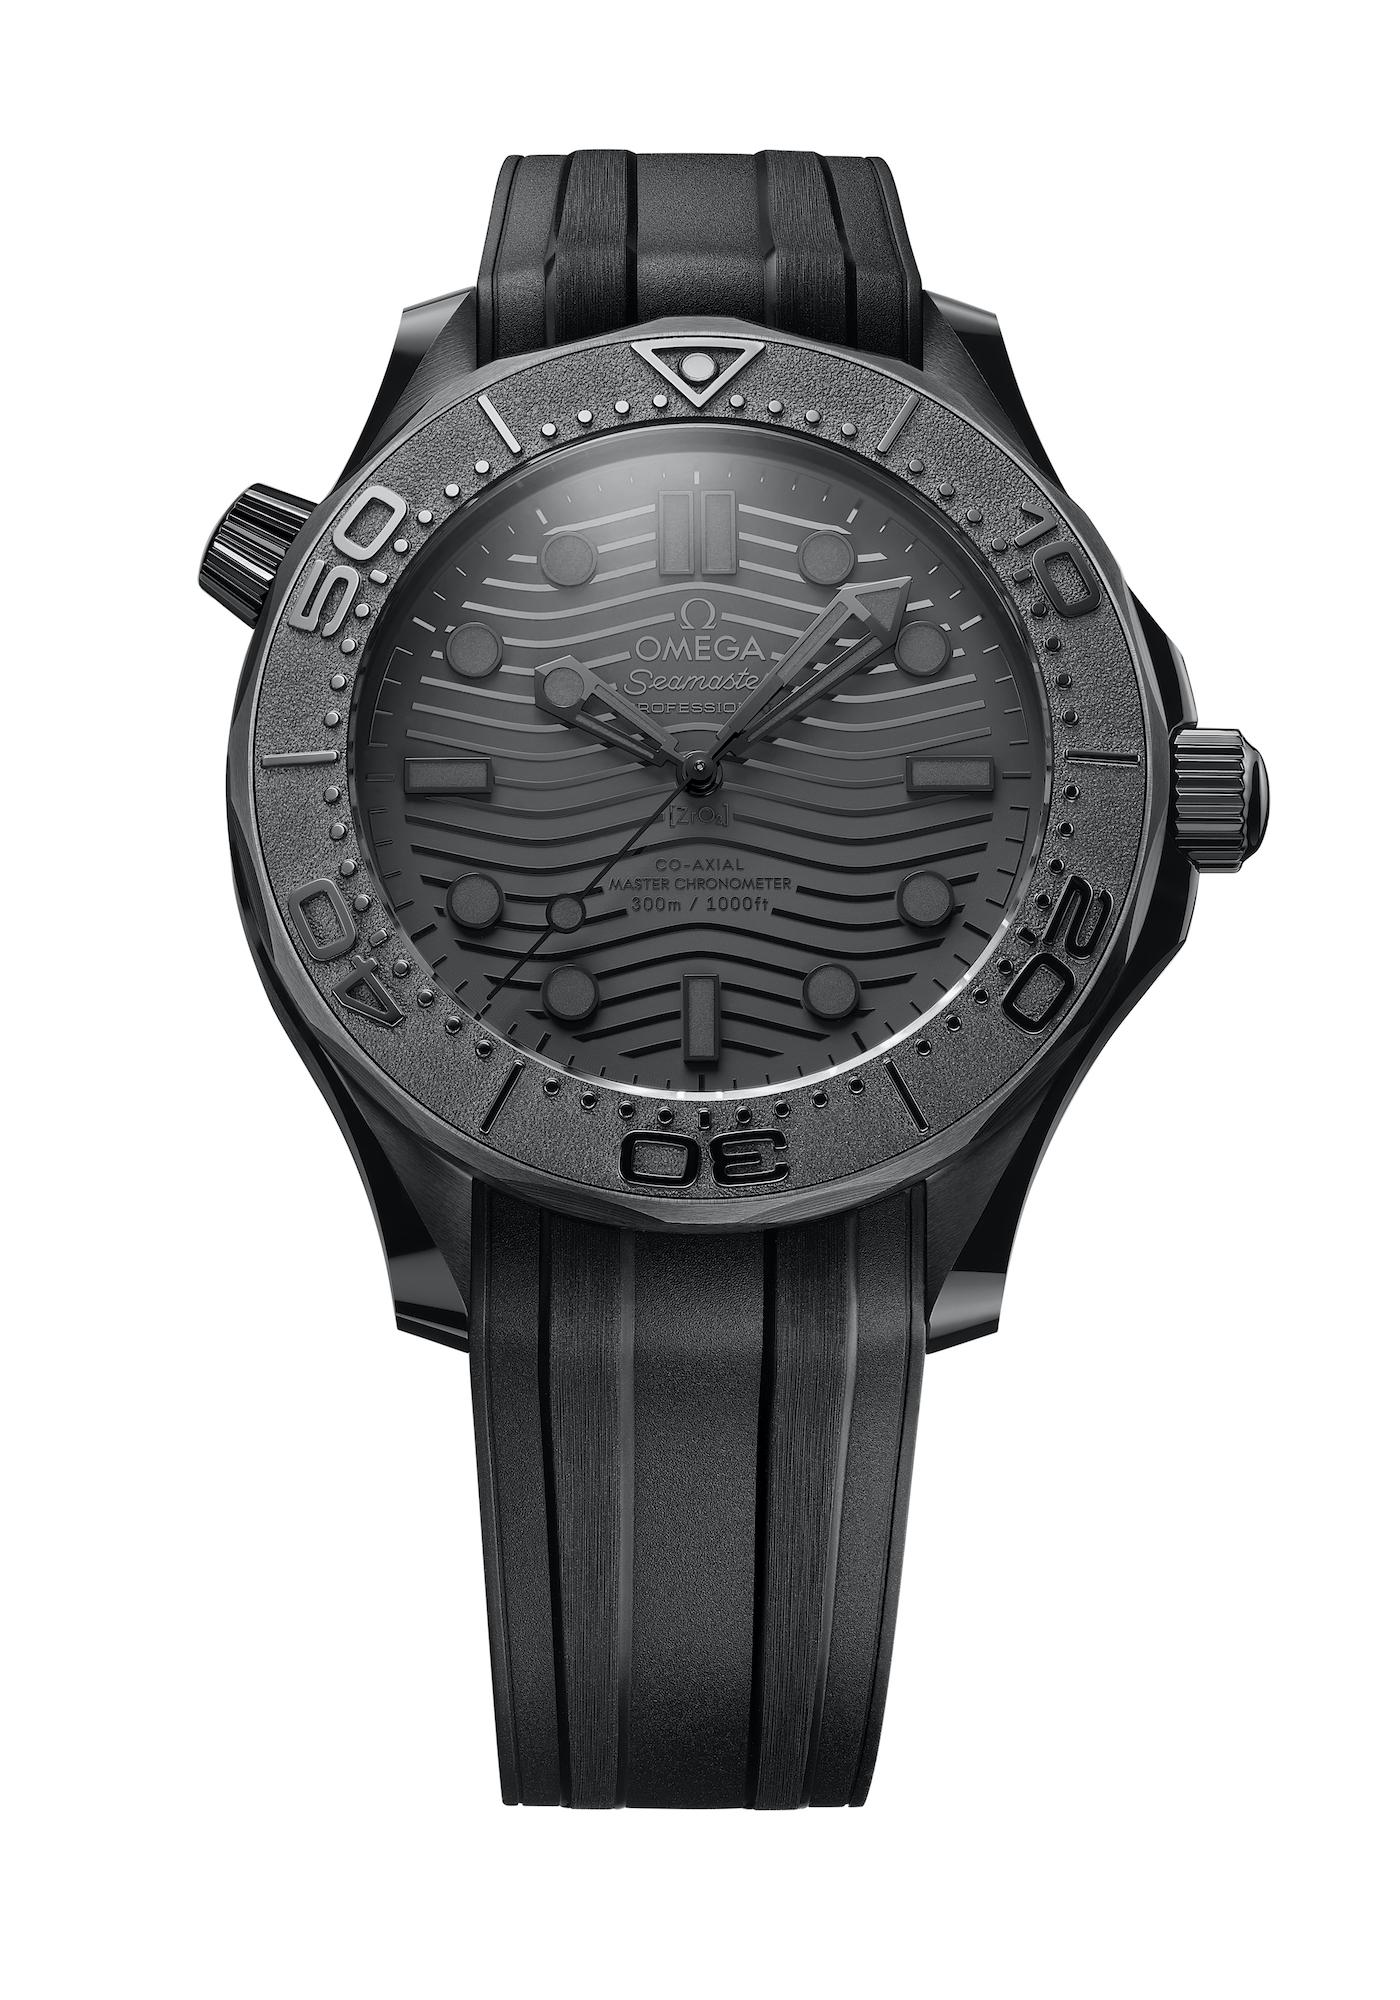 Omega Seamaster Diver 300M Black Black 210.92.44.20.01.003 detalle frontal